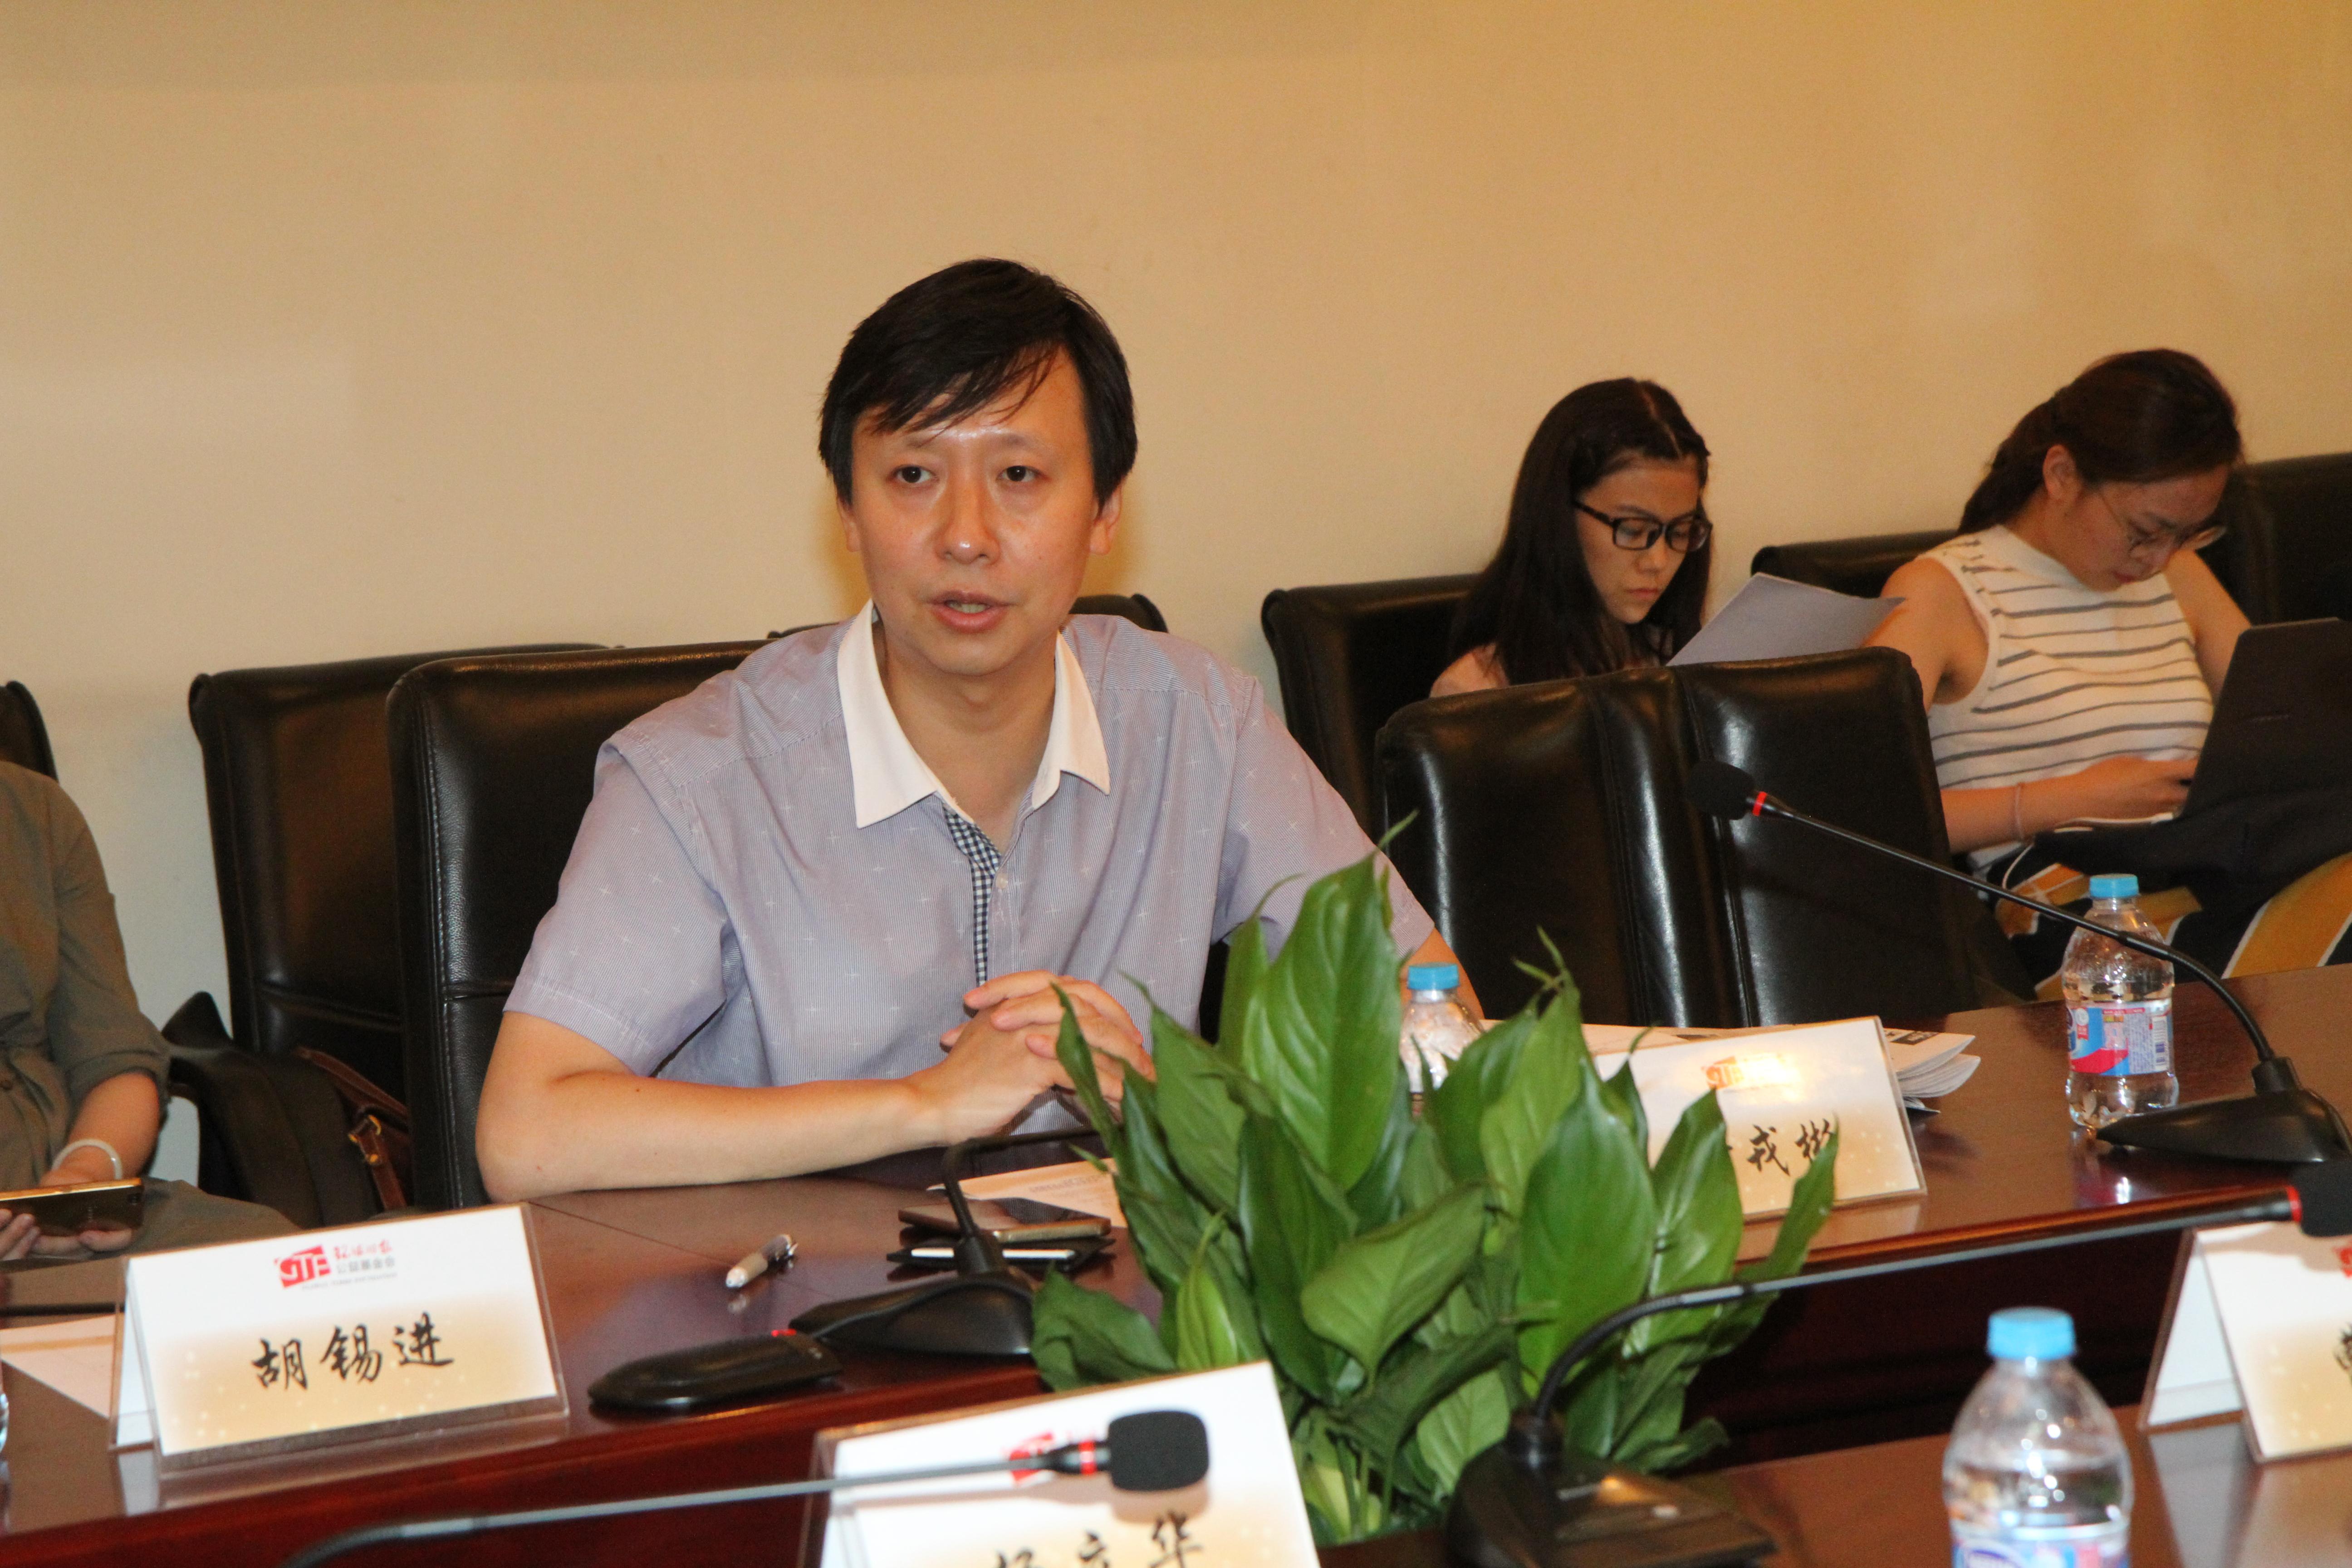 环球时报社总编辑胡锡进参与圆桌研讨会